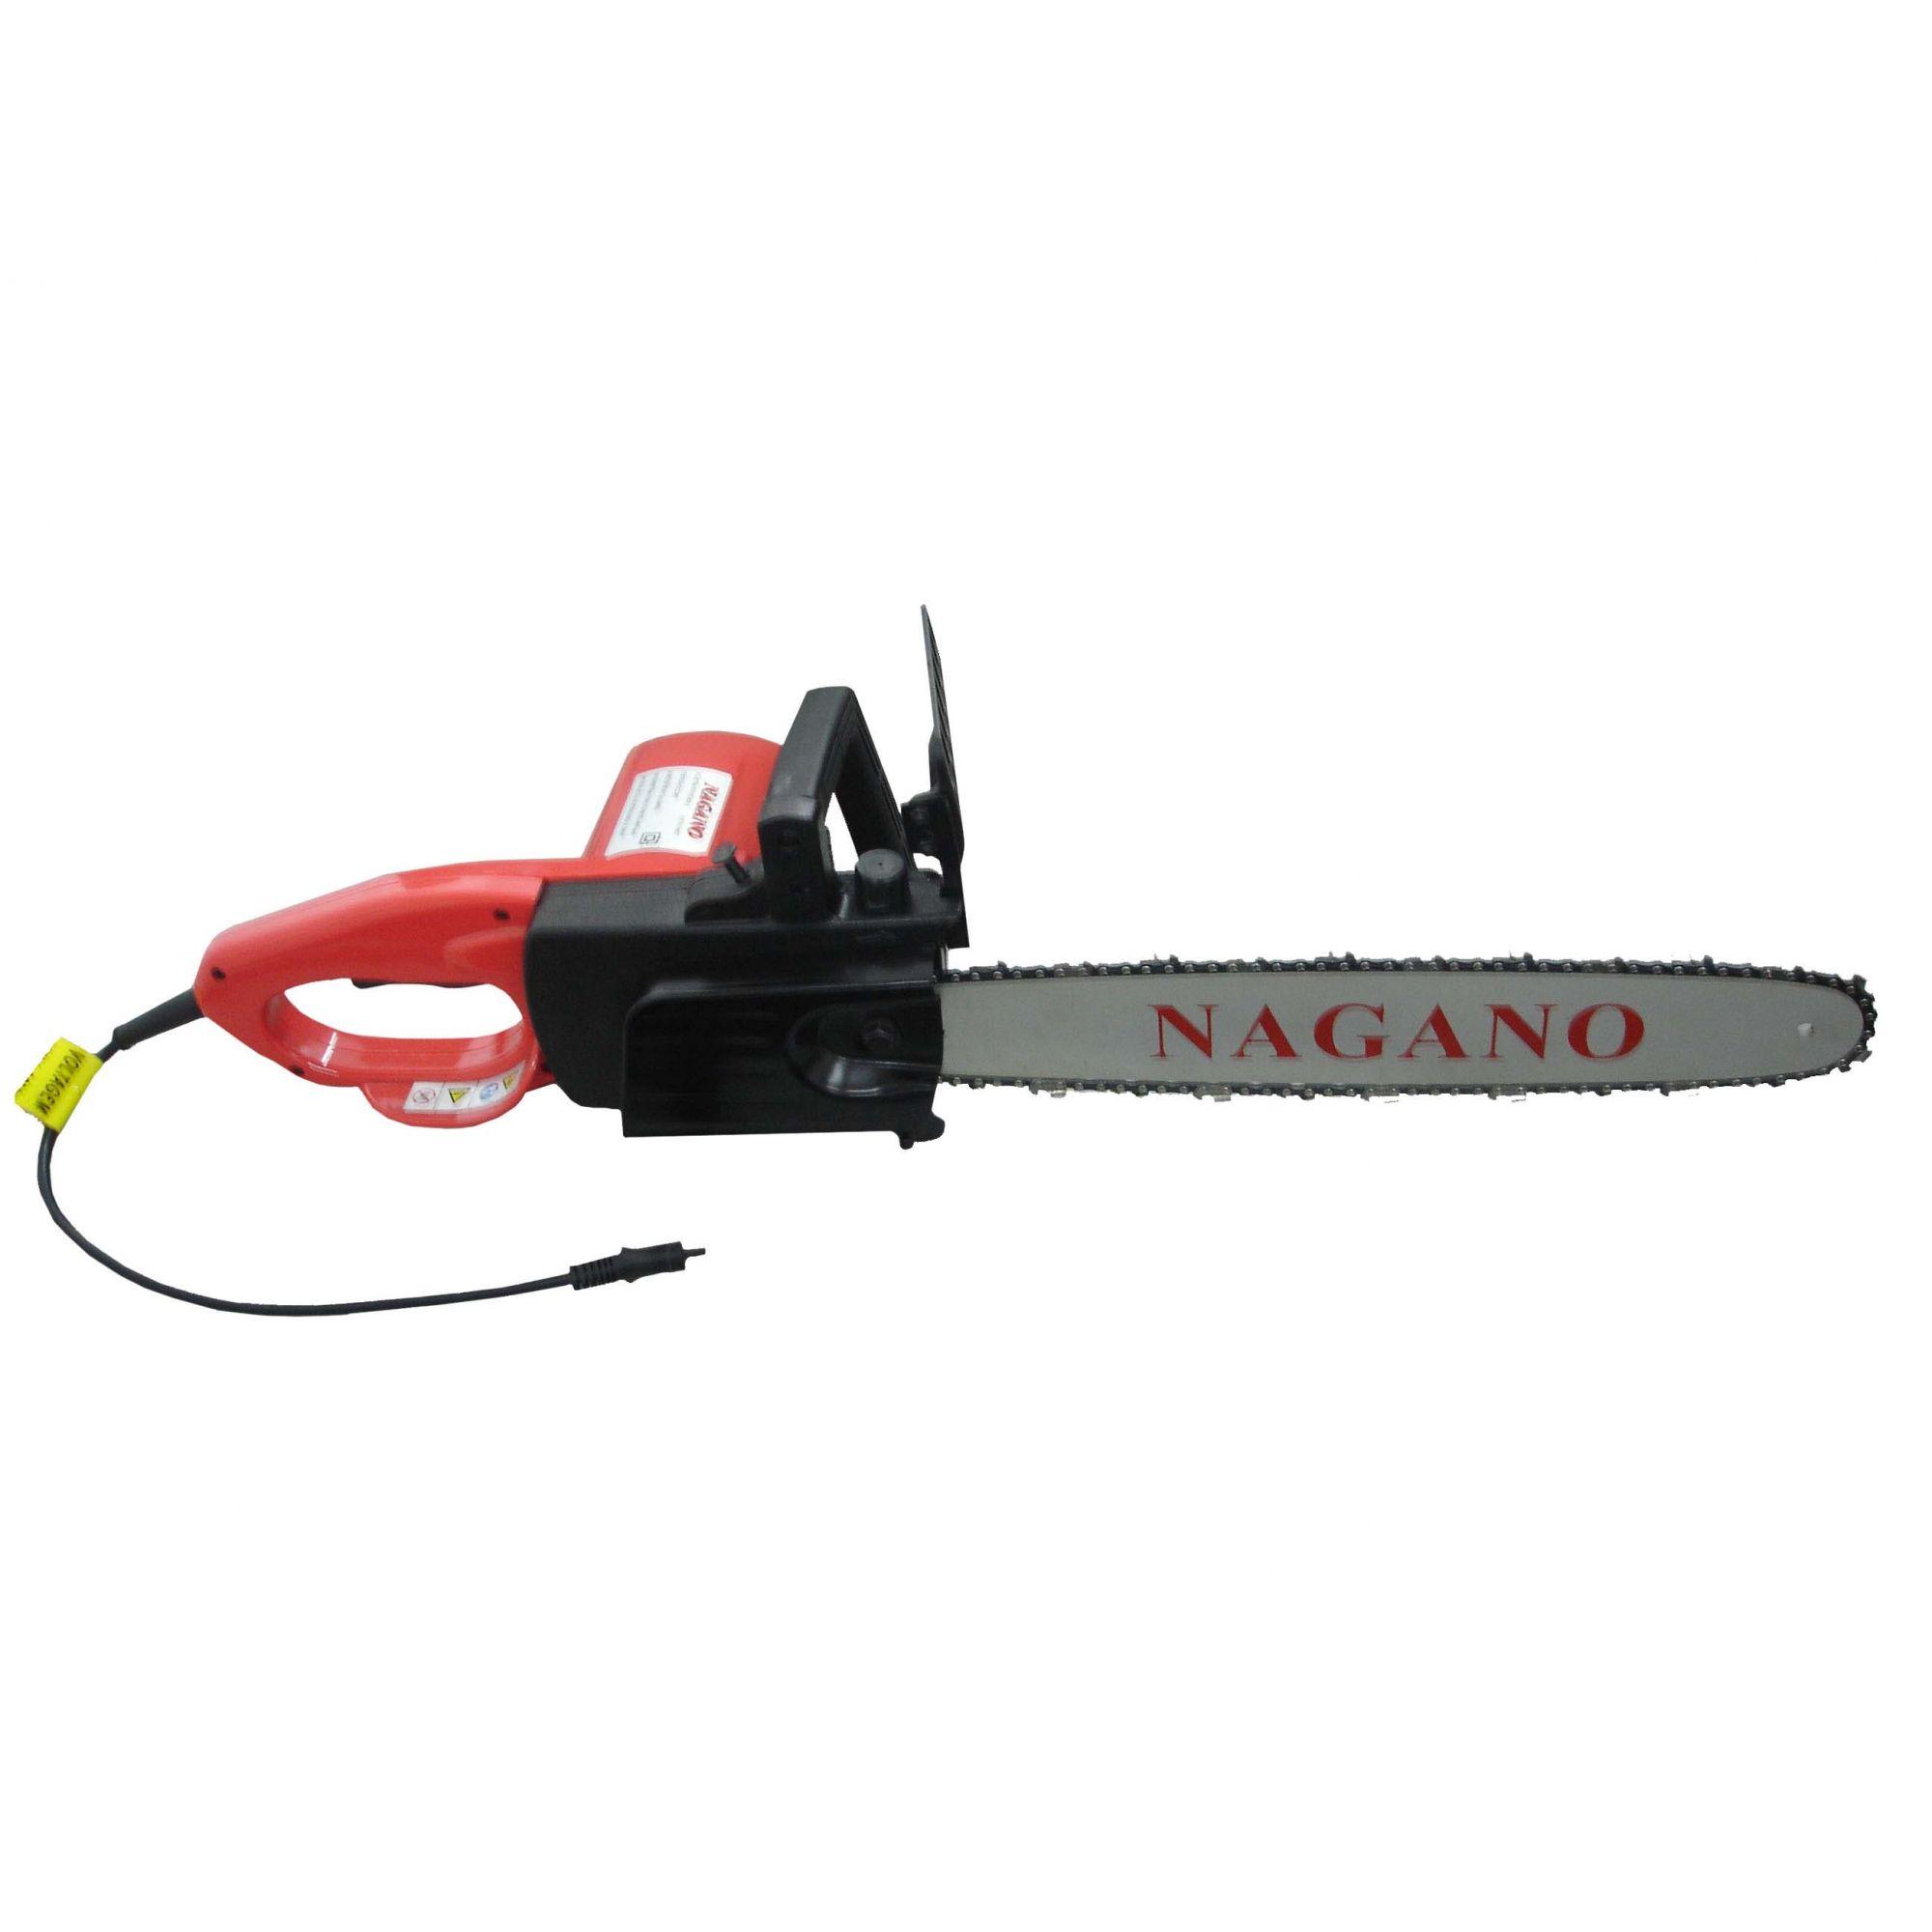 Eletrosserra NES 1300- 220V NAGANO